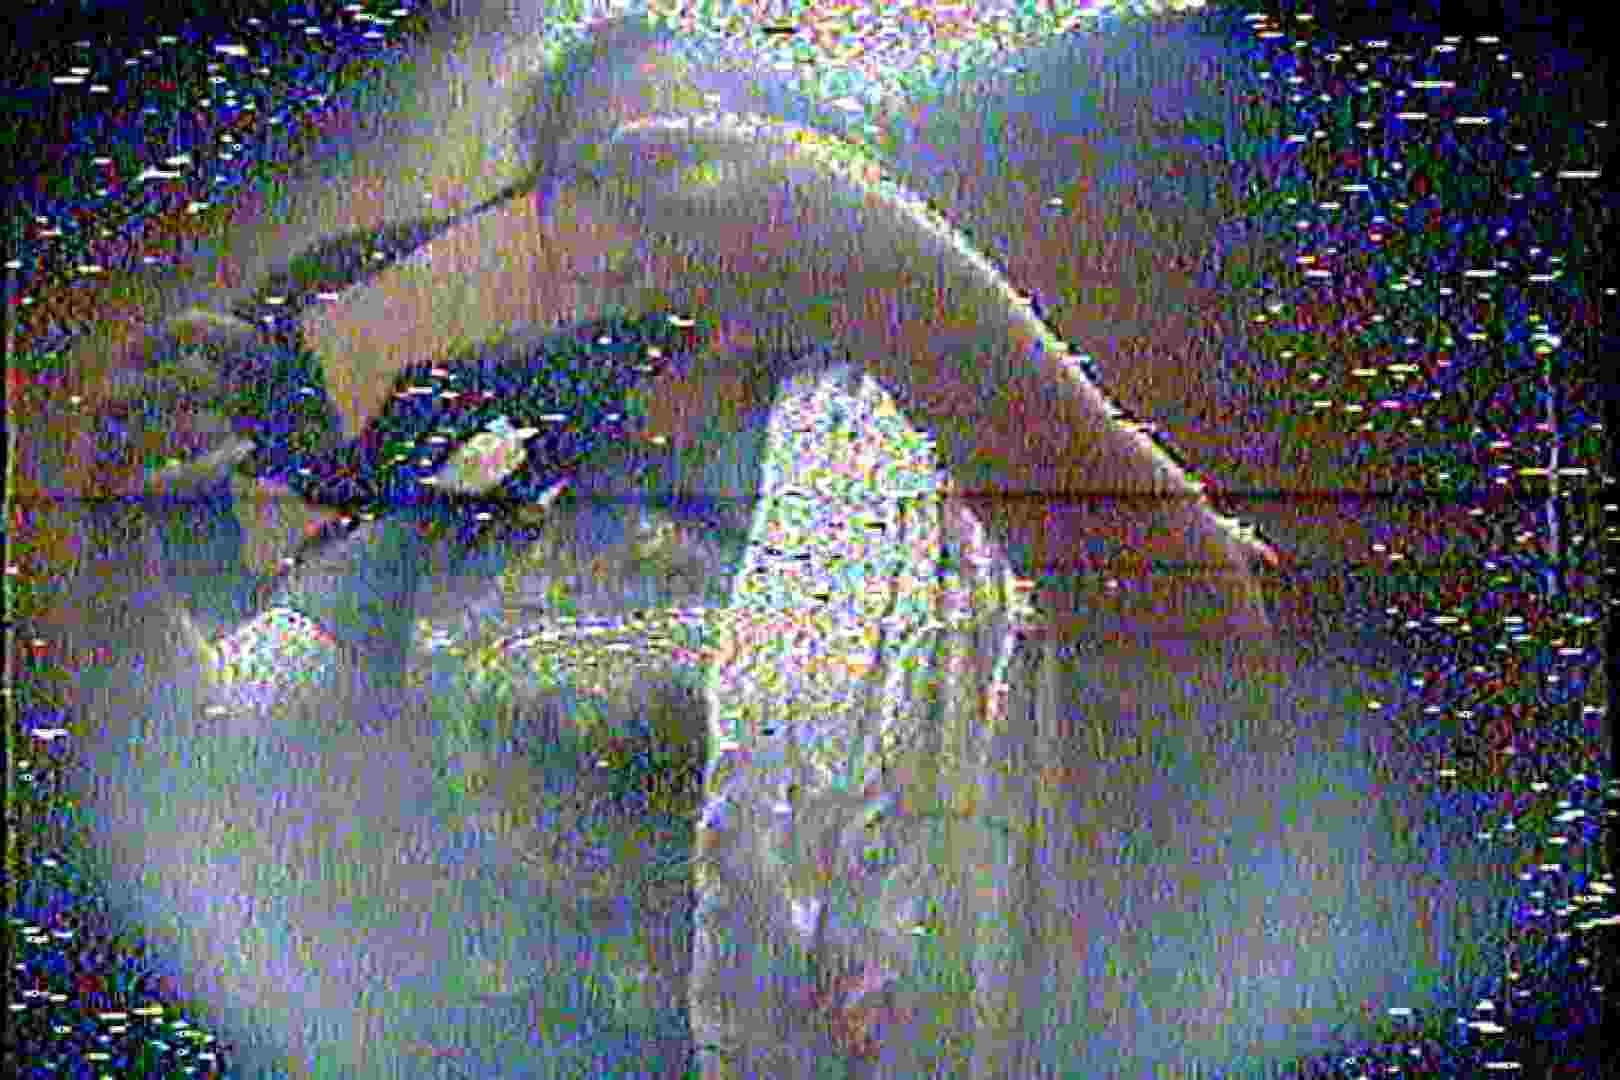 海の家の更衣室 Vol.24 美女のボディ  60PIX 60